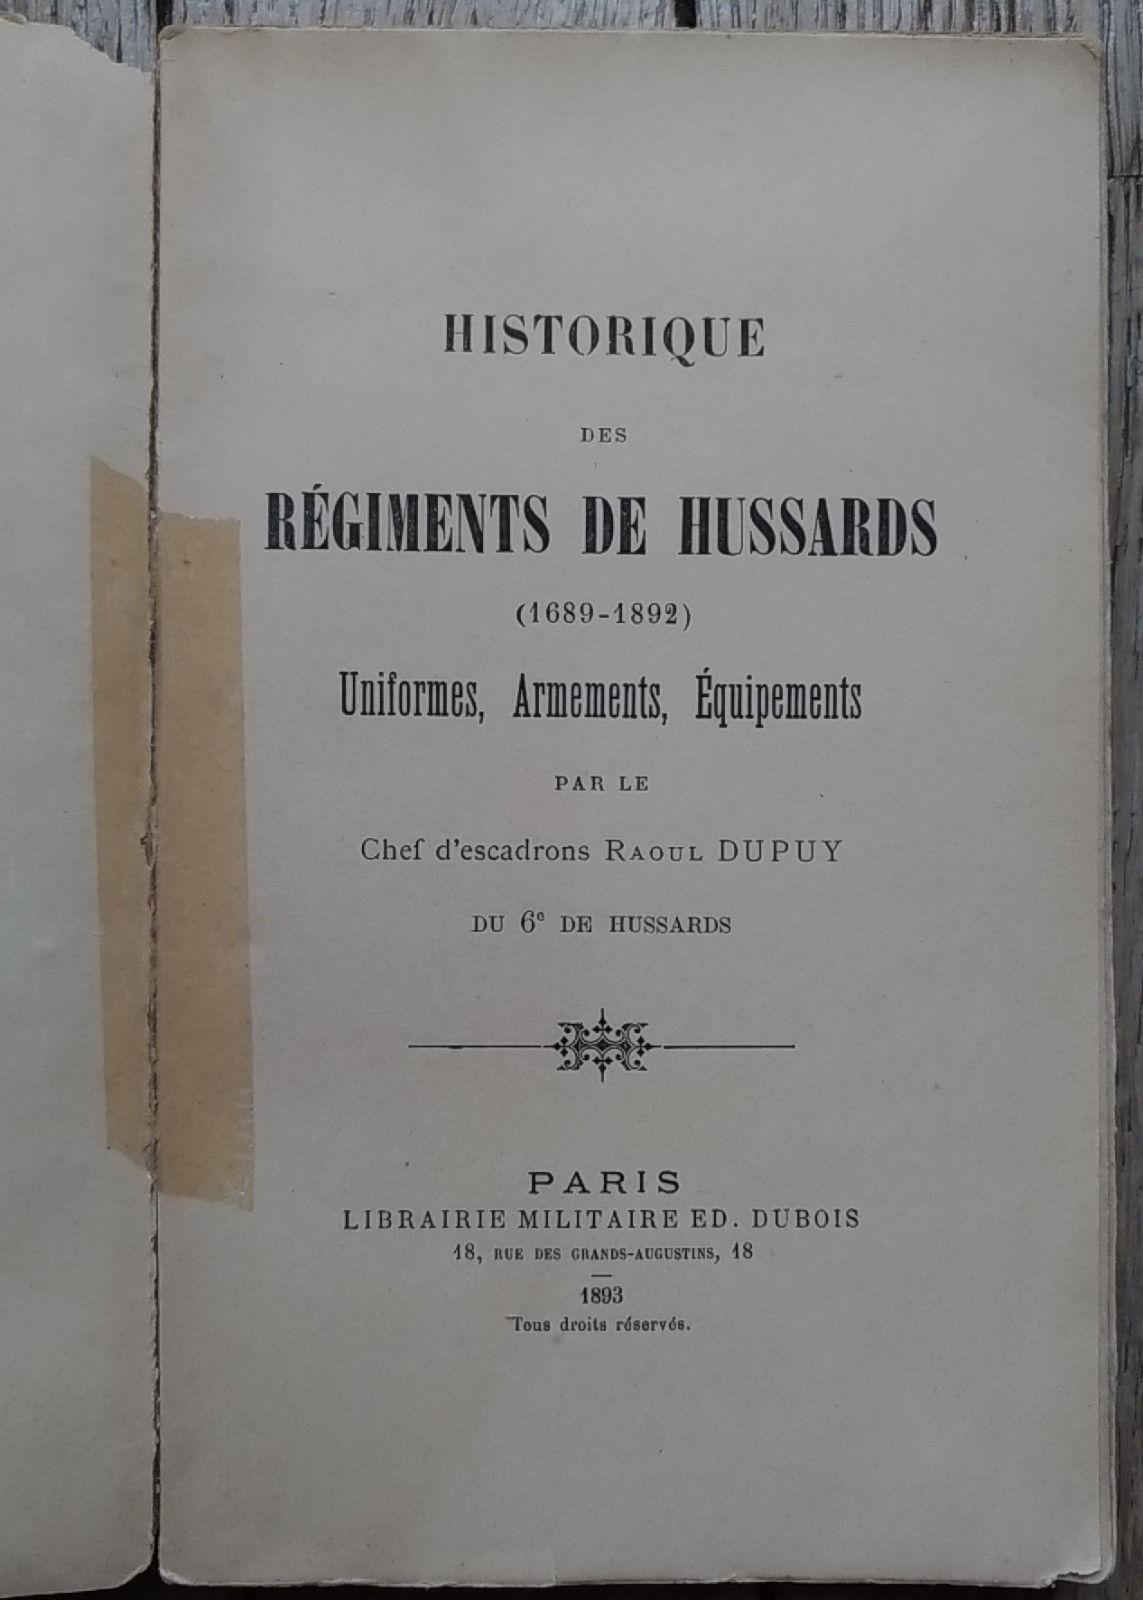 [LIVRE] Historique des RÉGIMENTS de HUSSARDS  1527334661-historique-des-regiments-de-hussards-uniformes-armements-equipements-dupuy-3